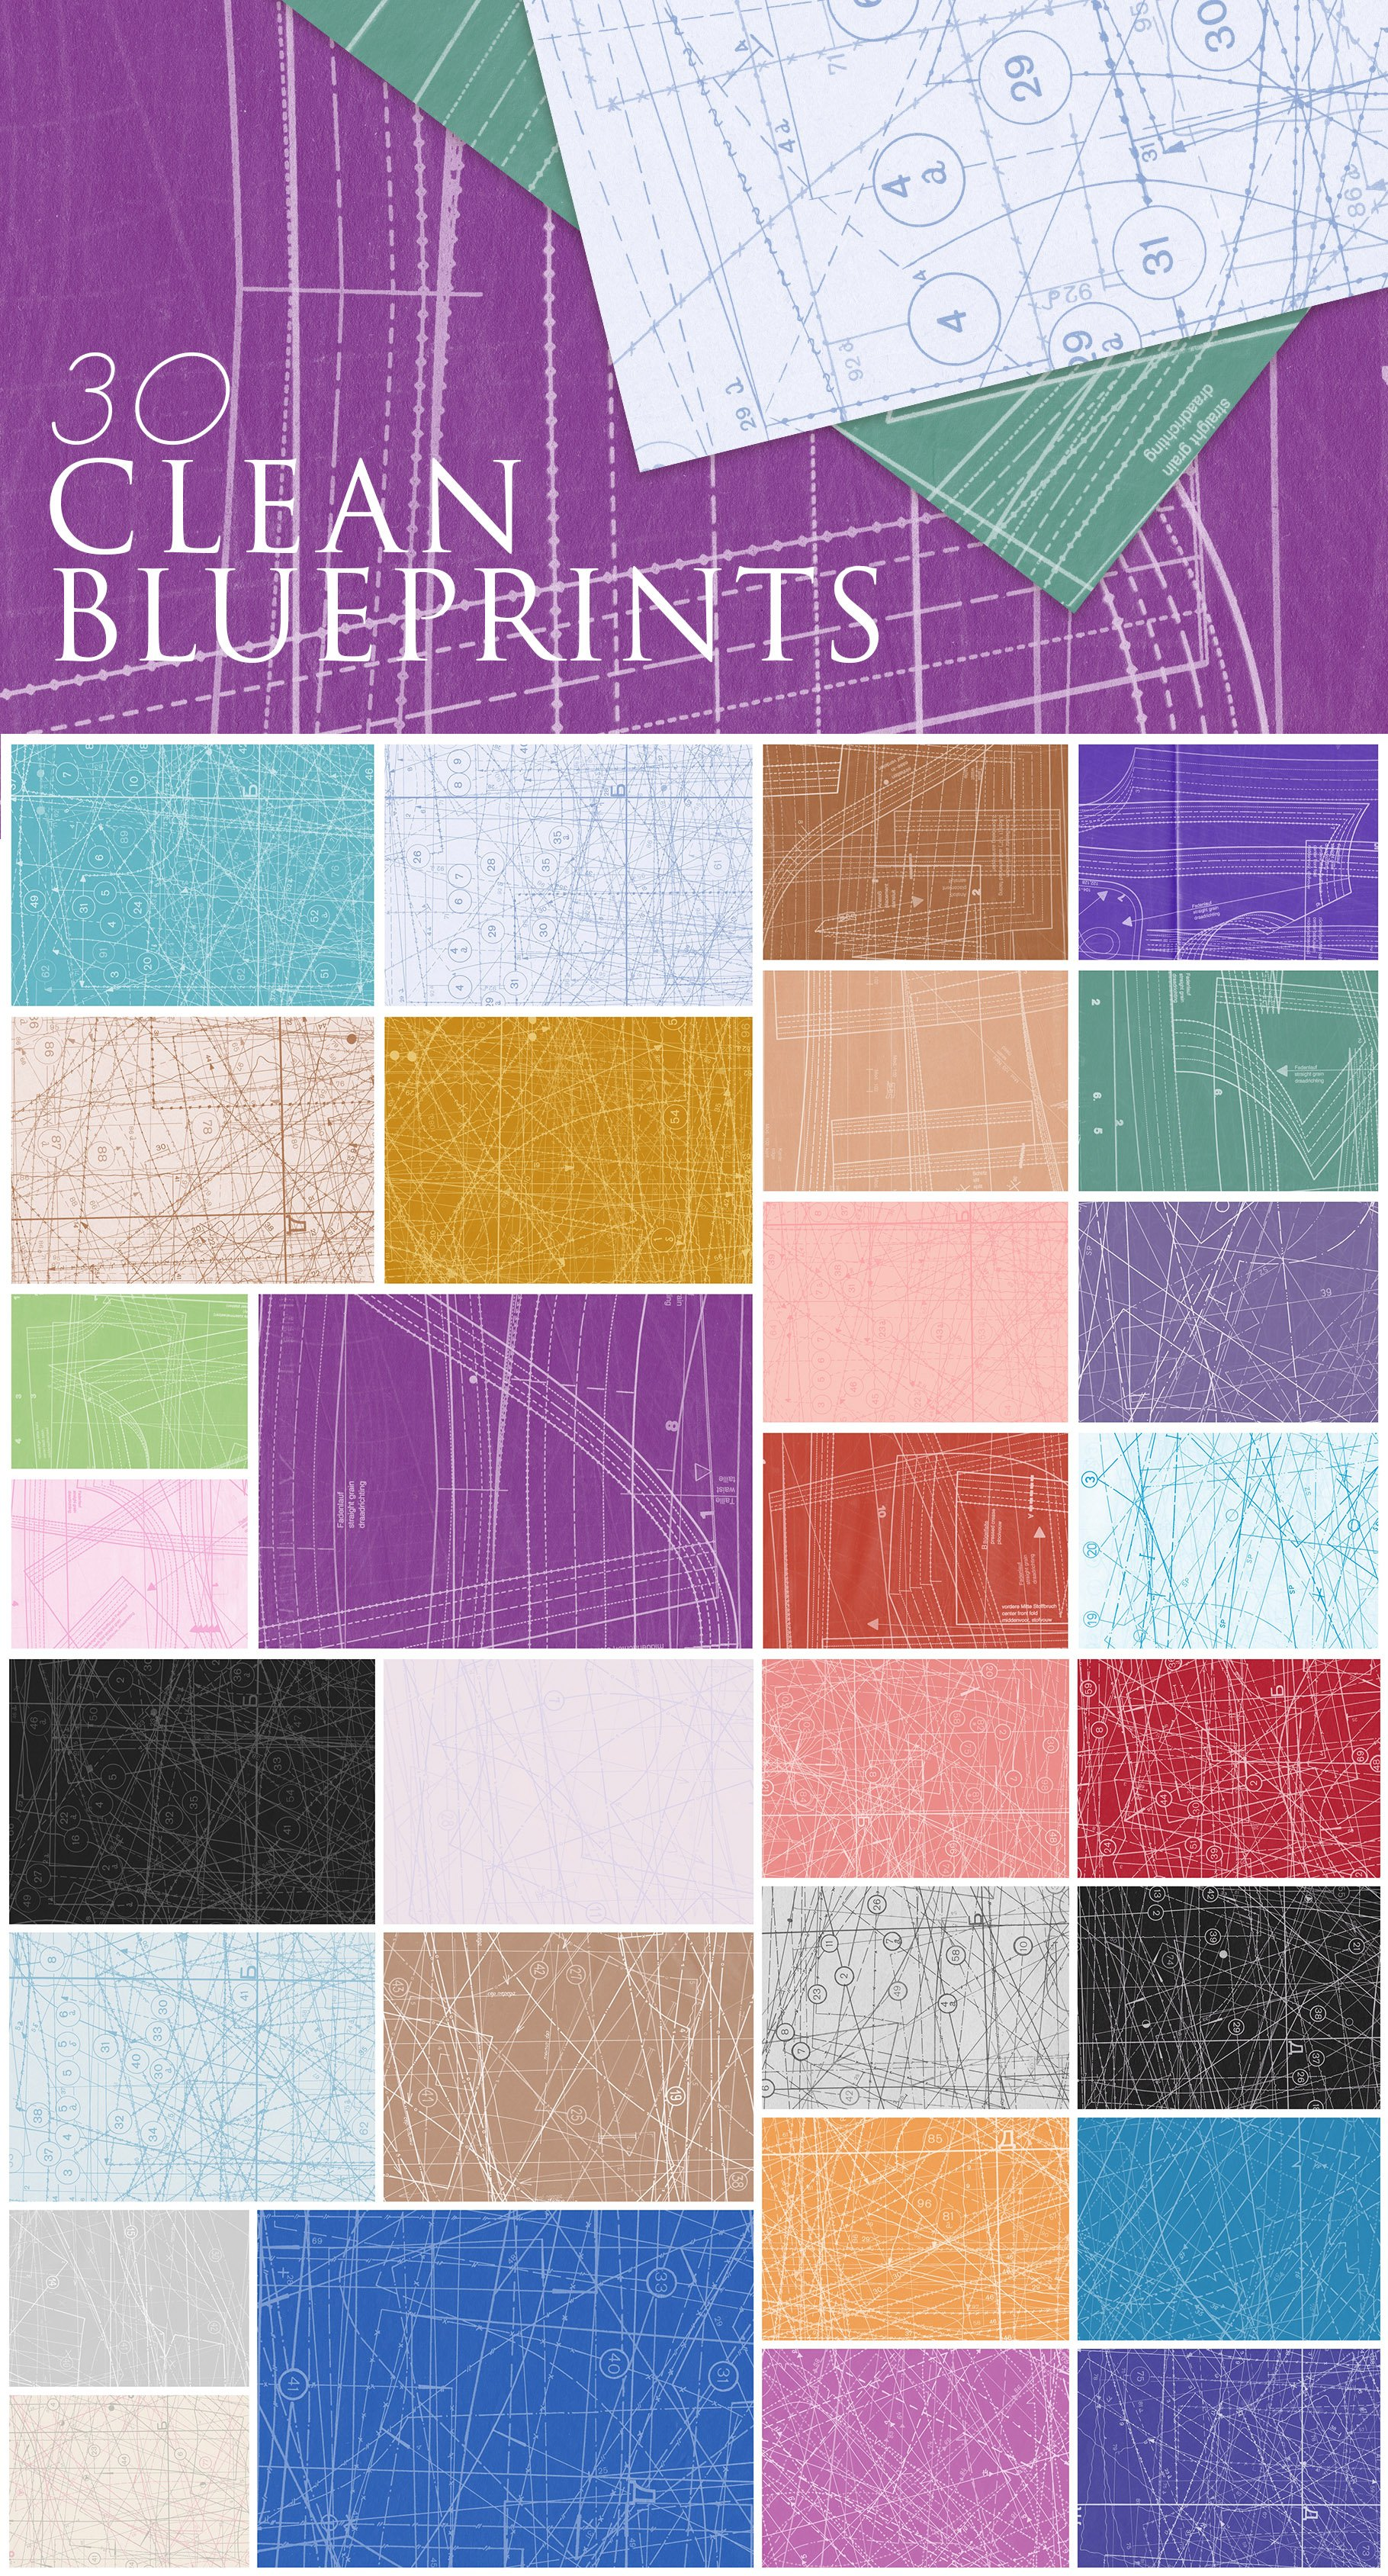 [单独购买] 60款潮流做旧粗糙图纸纹理海报设计背景底纹图片素材 Fabric Blueprint Textures插图1